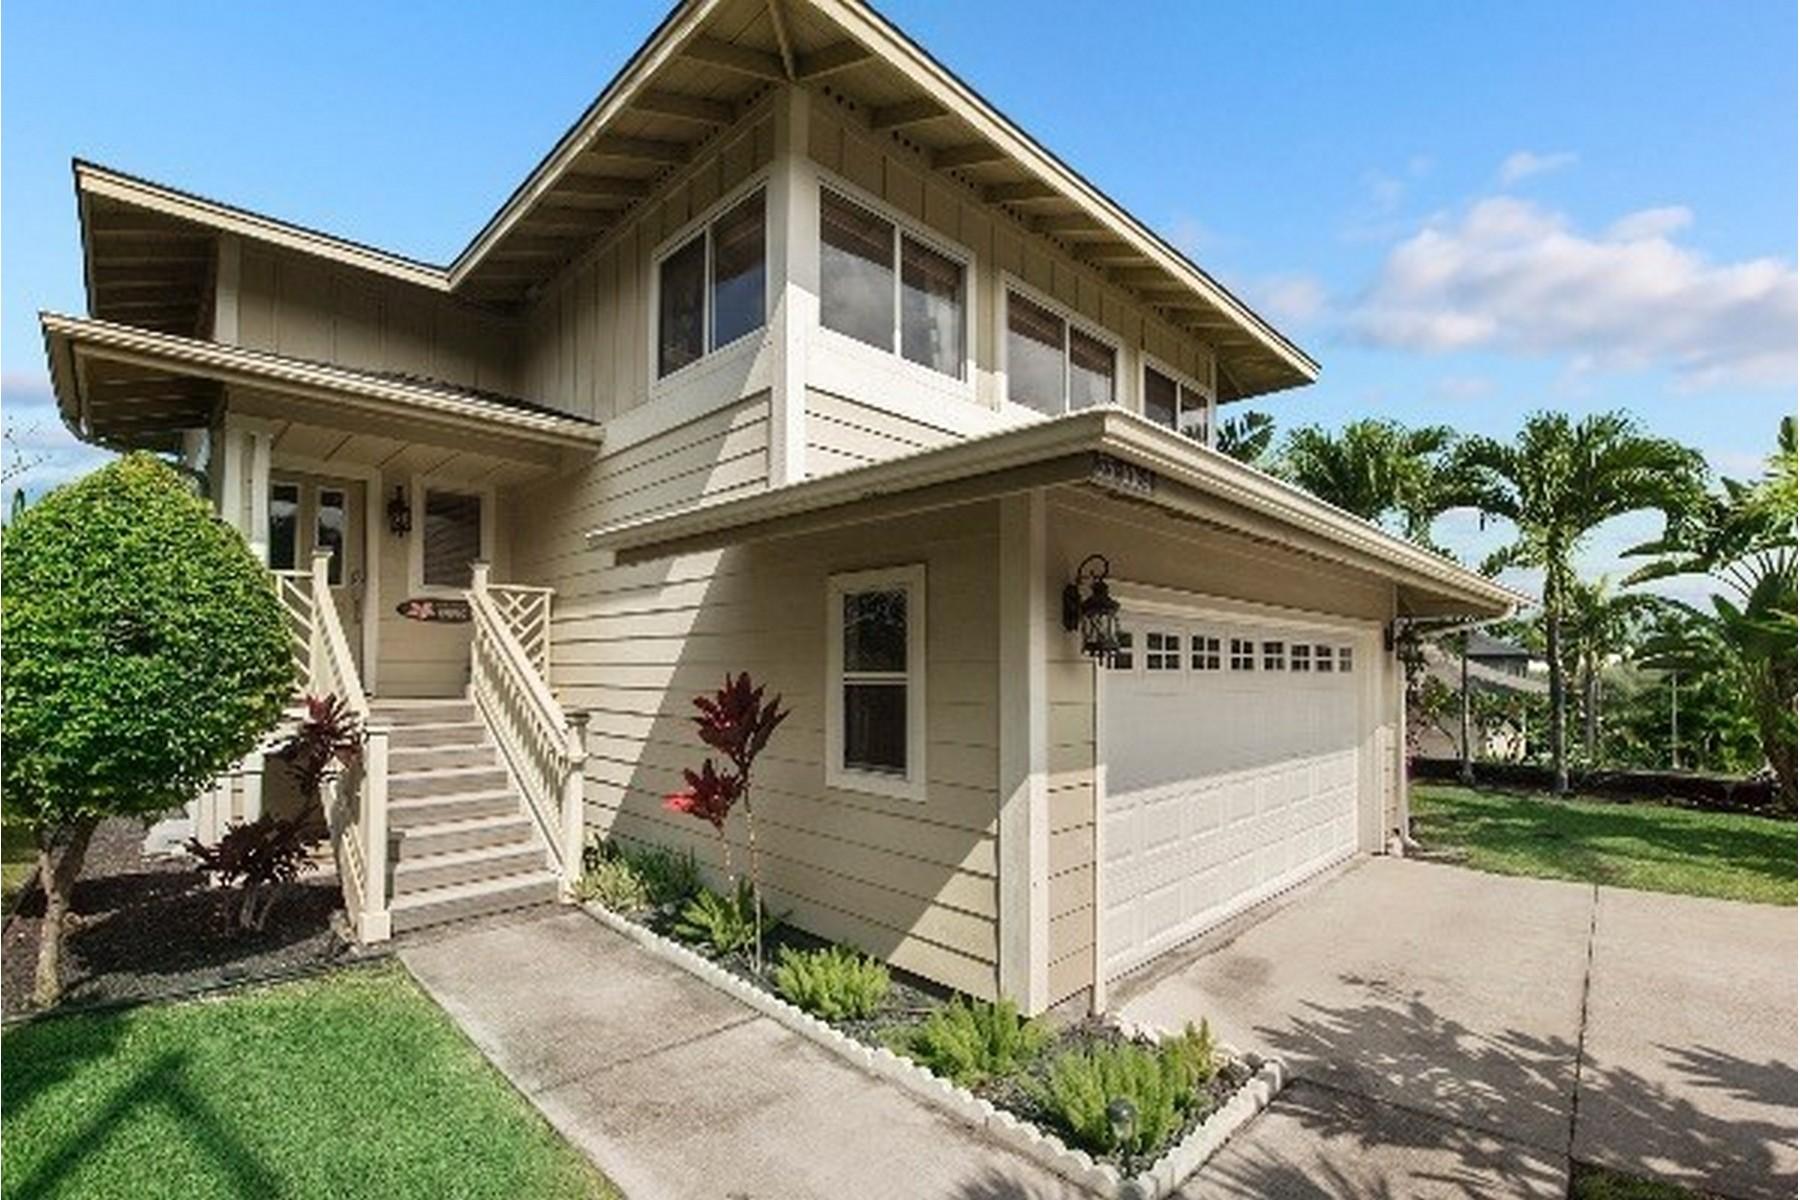 独户住宅 为 销售 在 Pualani Estates 75-6164 Hoomama St 纳市, 夏威夷, 96740 美国